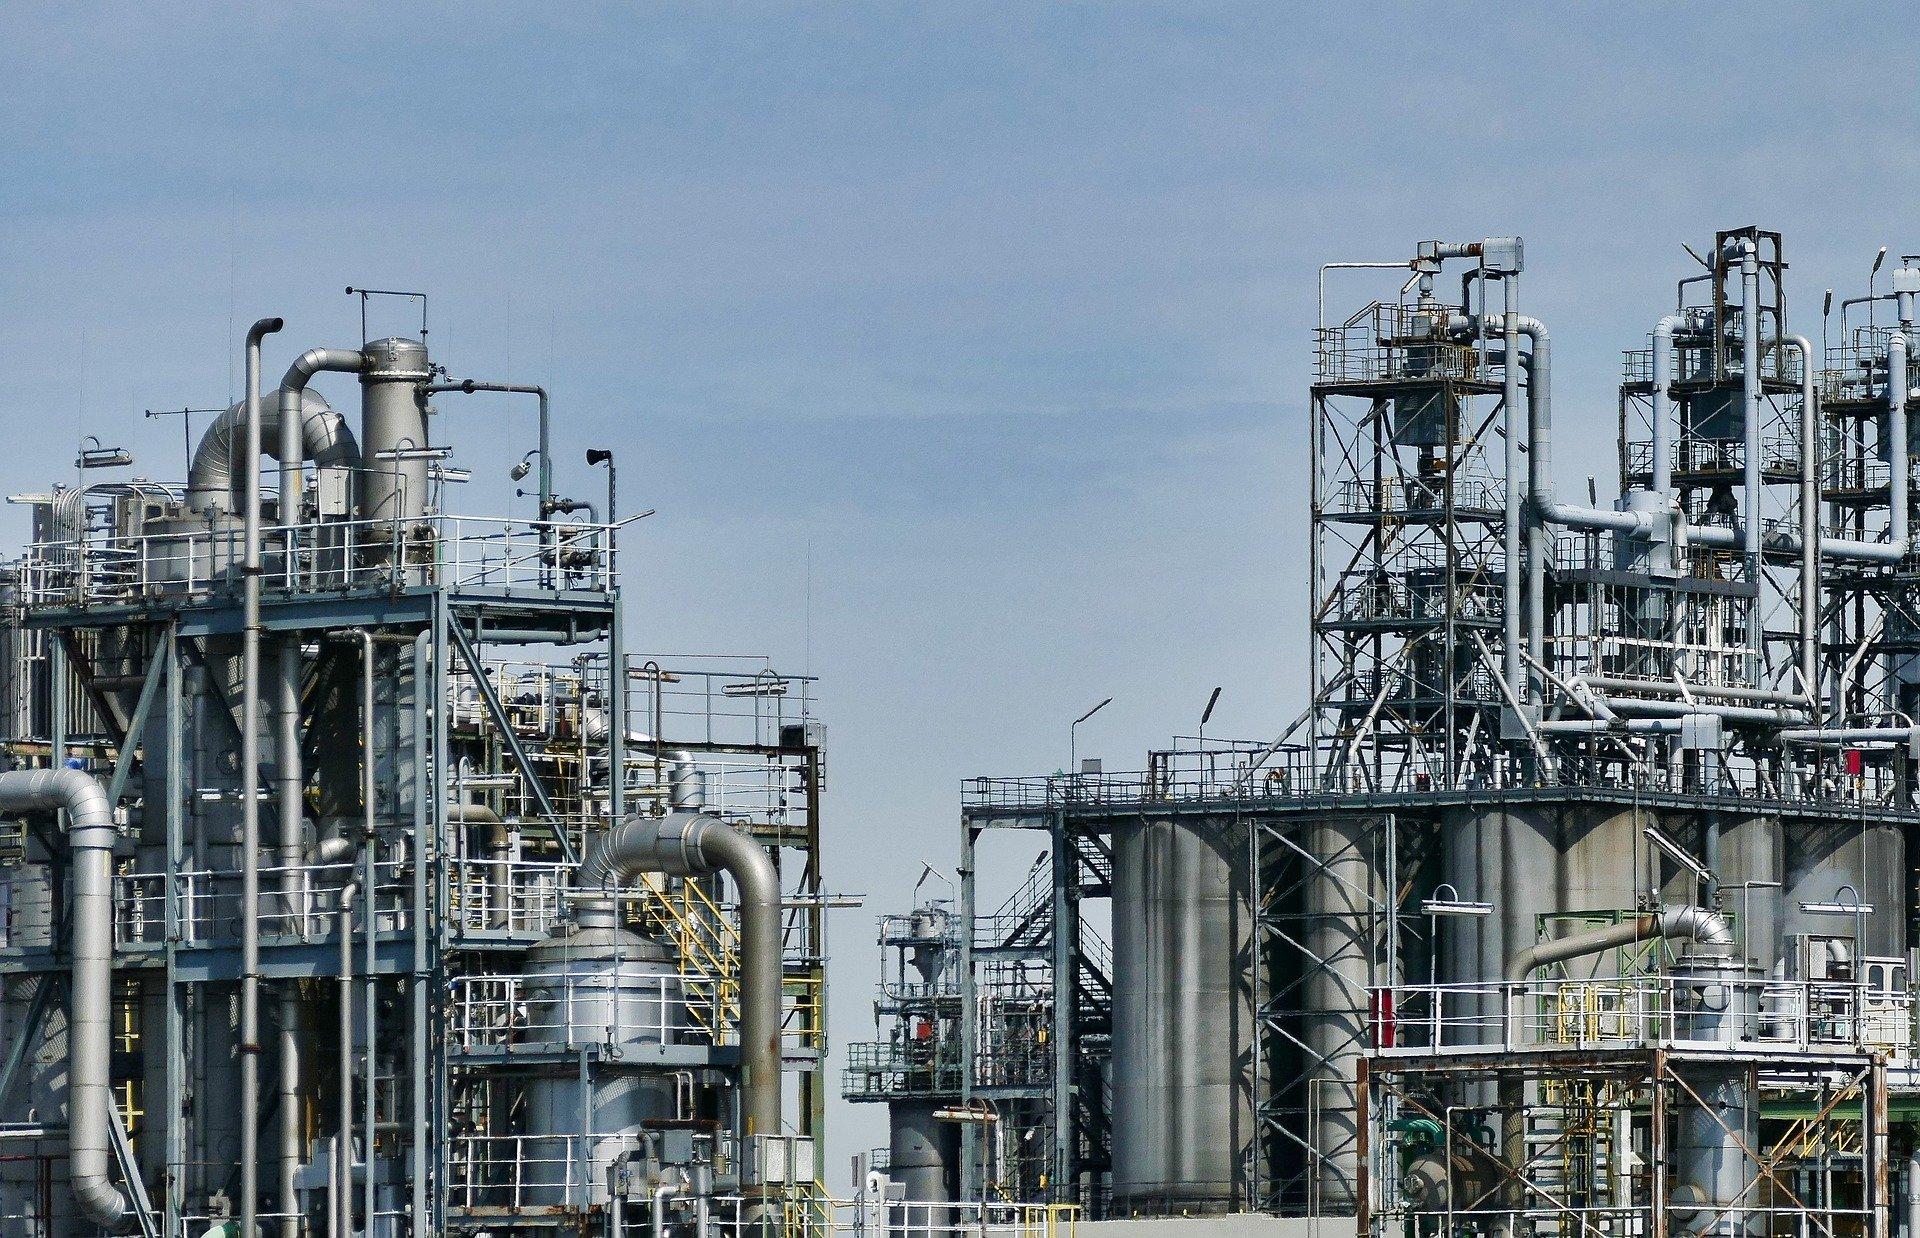 Van 50 amparos contra Ley de Hidrocarburos: ICC